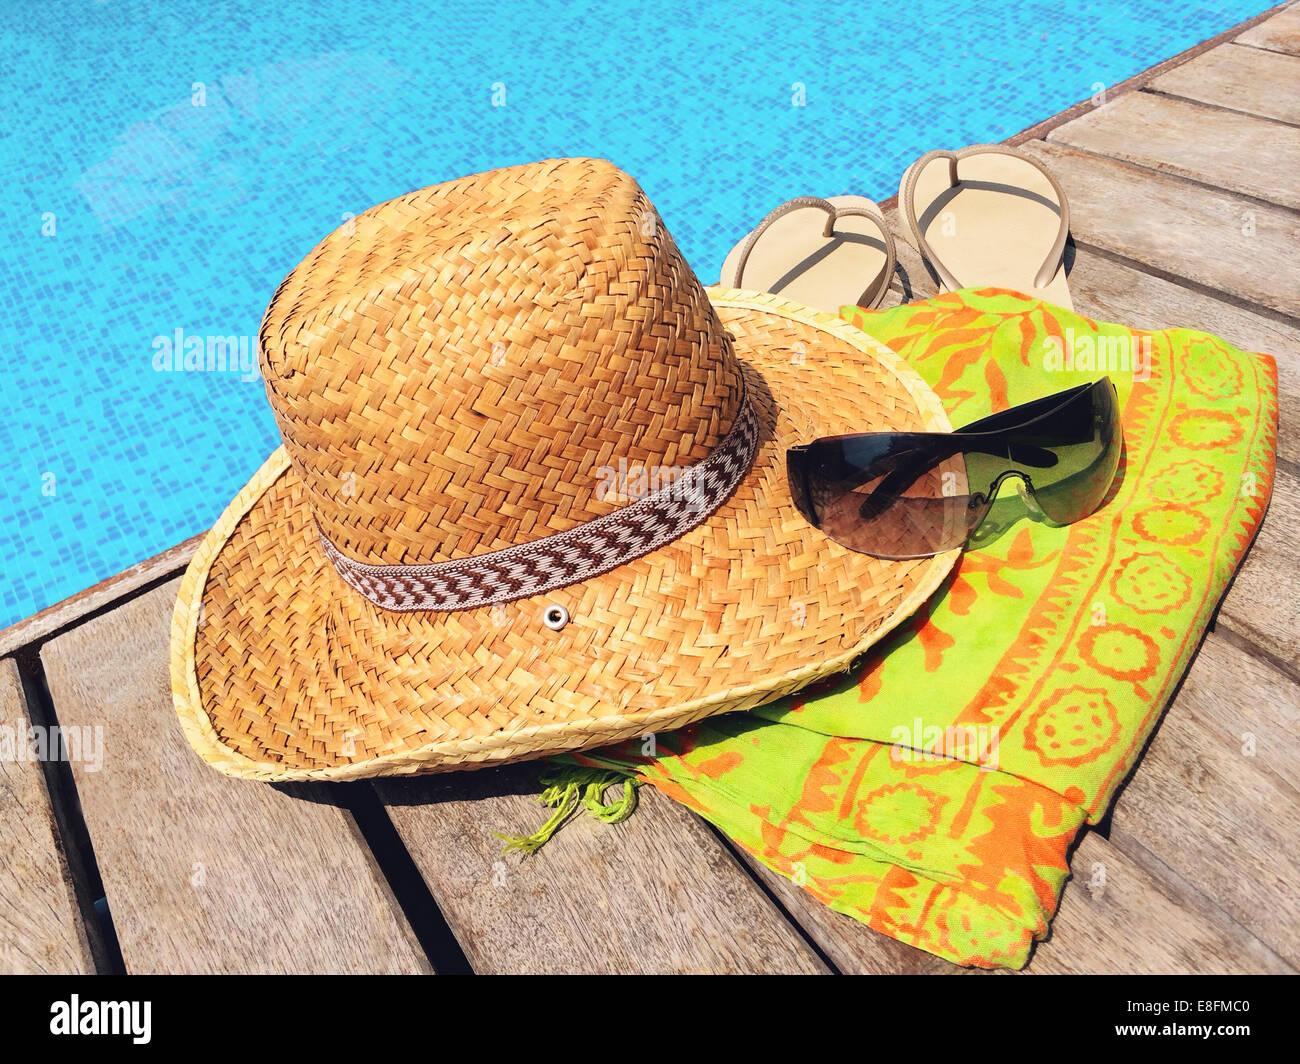 Cappello di paglia, occhiali da sole, flip-flop e sarong sul ponte di legno dalla piscina Immagini Stock